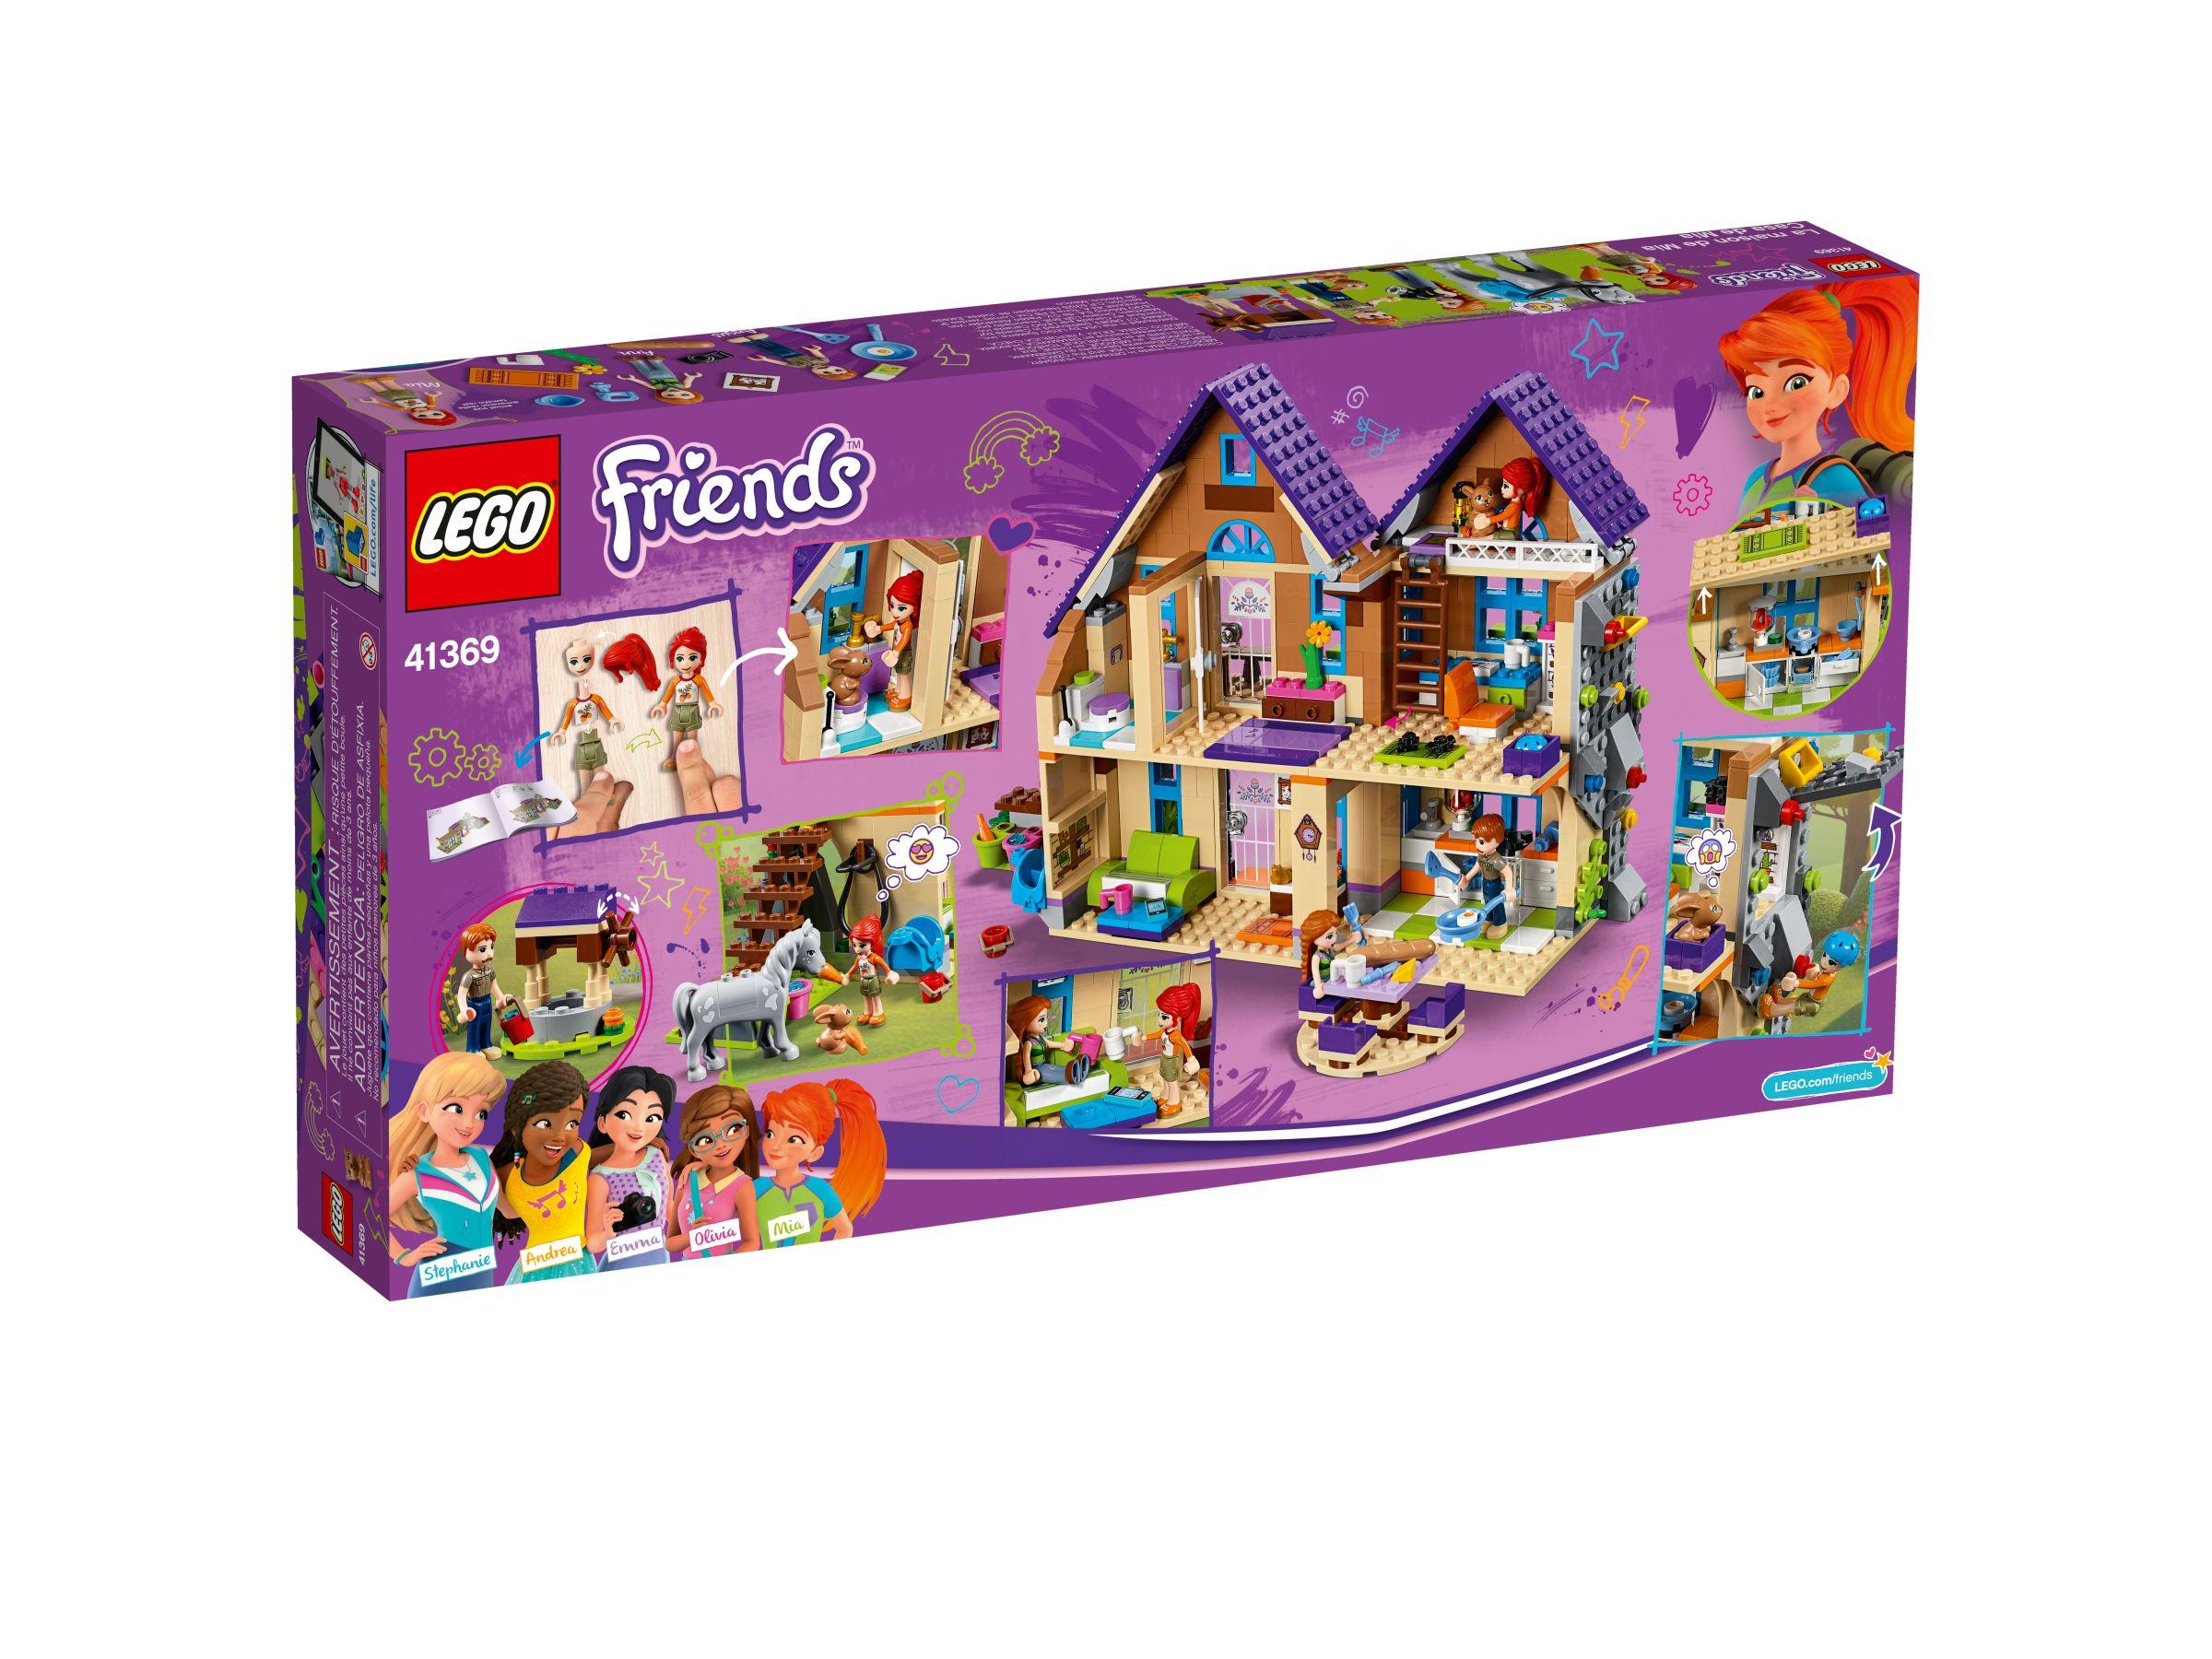 Lego 41369 Mias Haus Mit Pferd Friends 2019 Ab 51 57 26